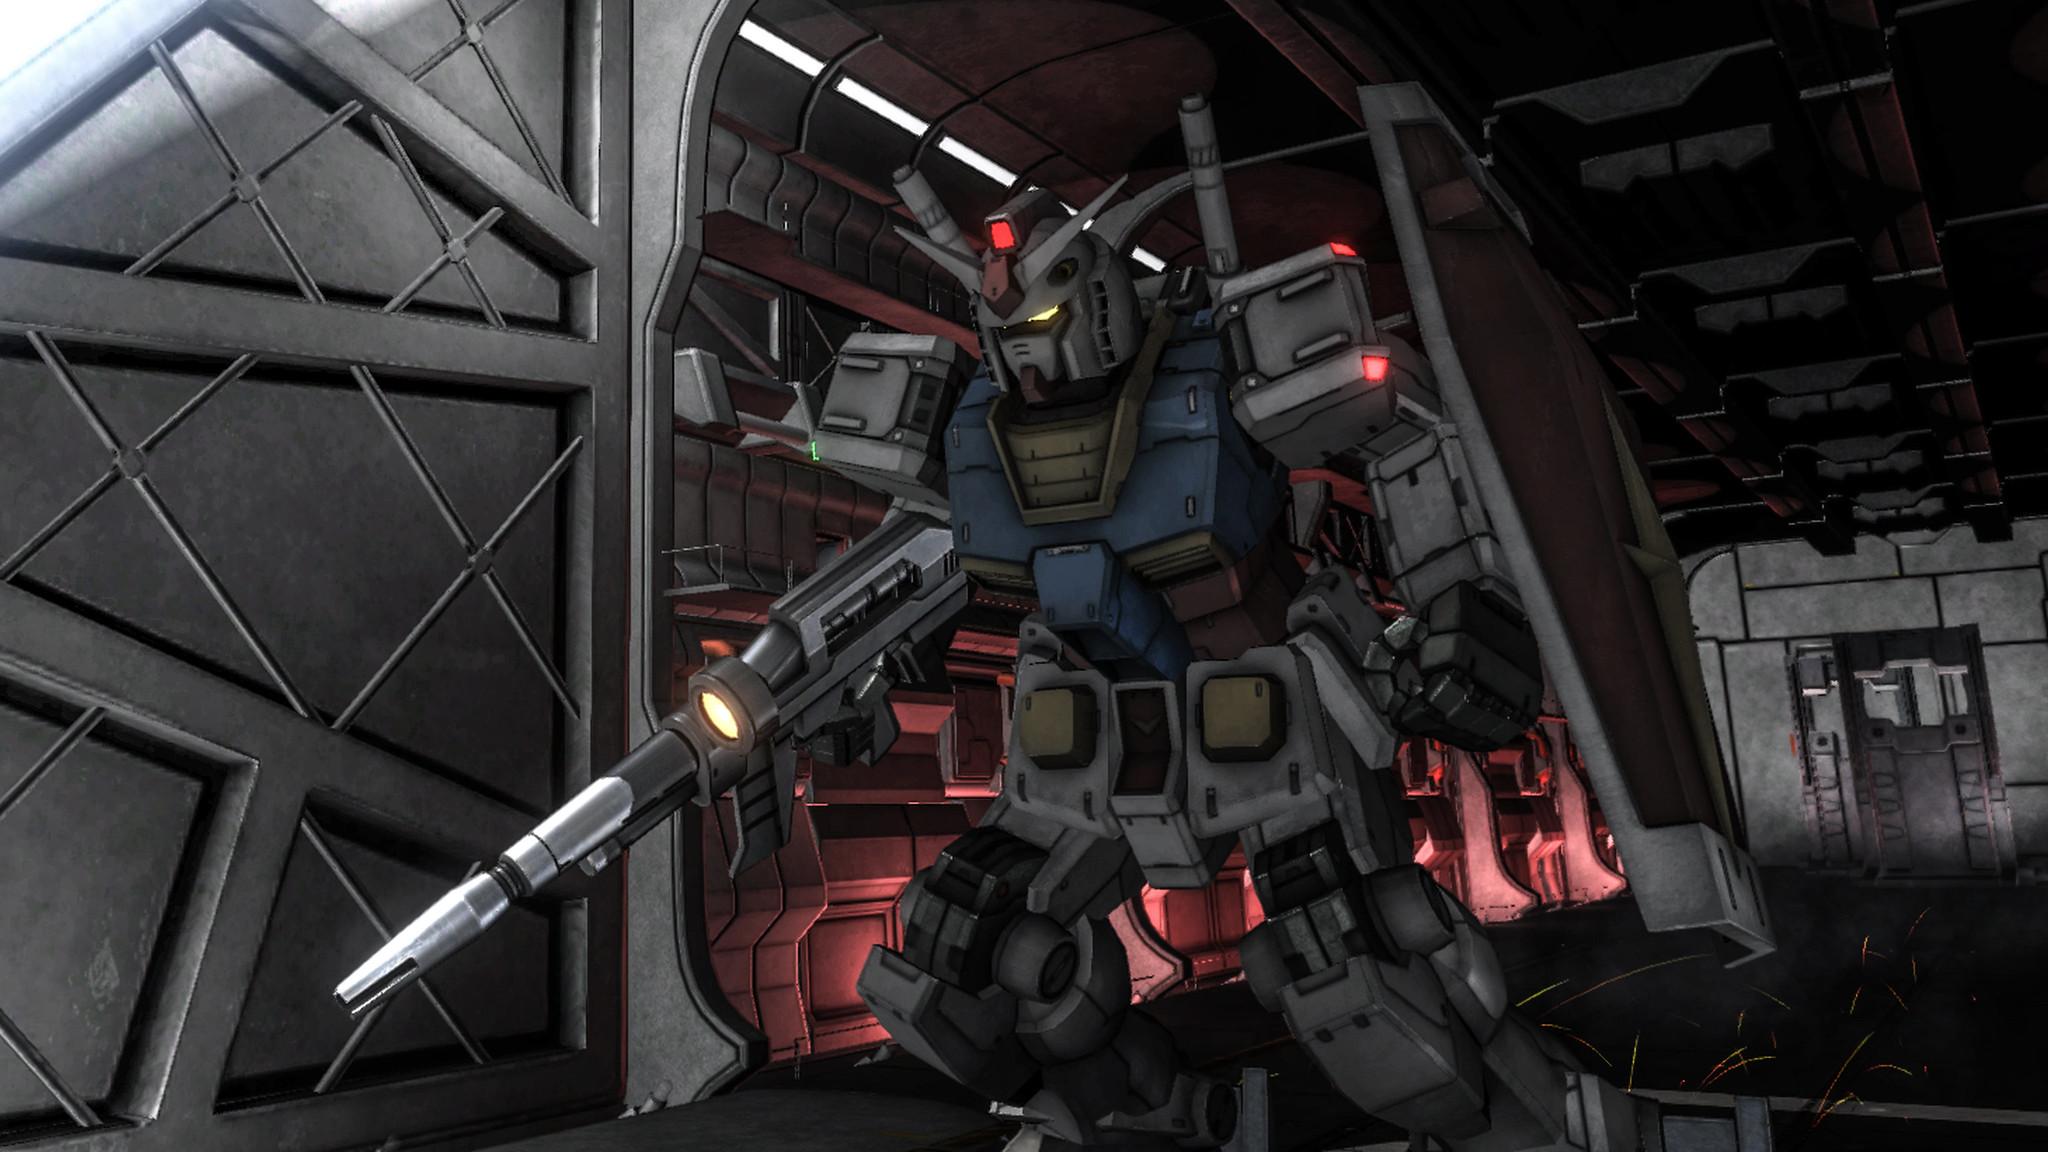 Mobile Suit Gundam Battle Operation 2 en PS5